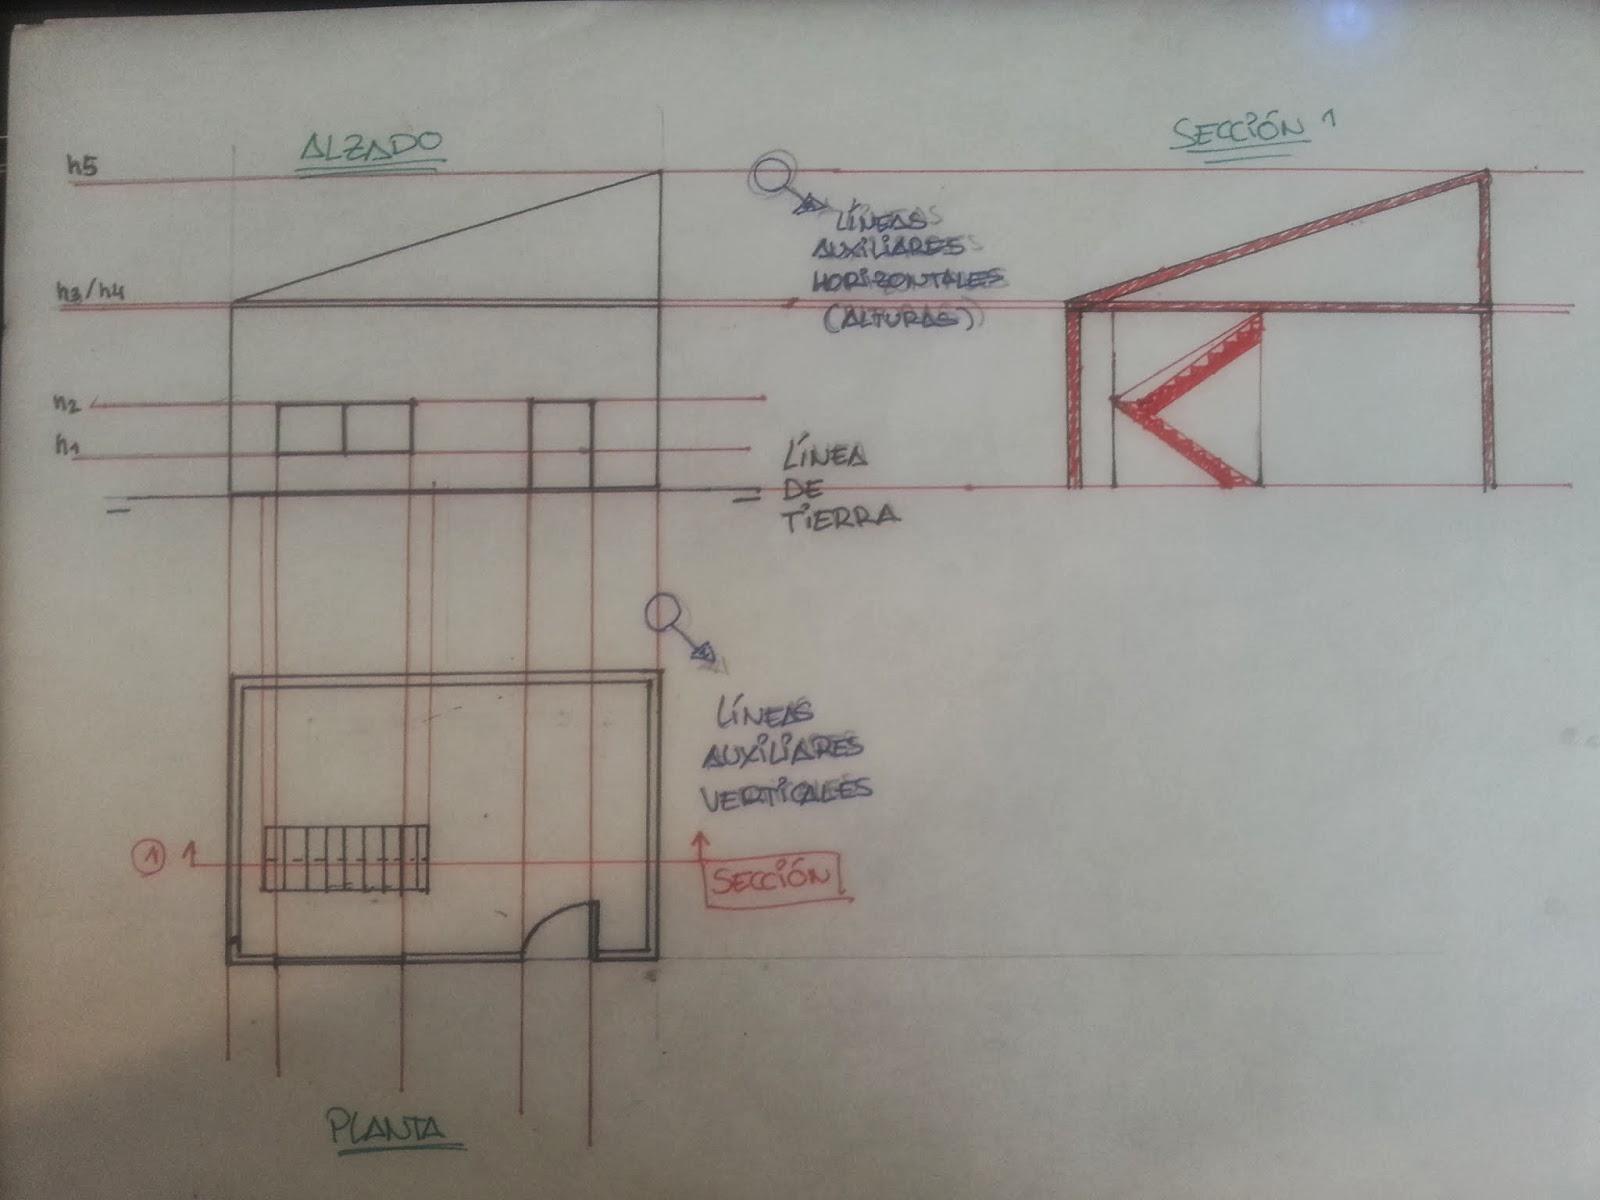 Alzados y secciones de una vista de planta - Alzado arquitectura ...